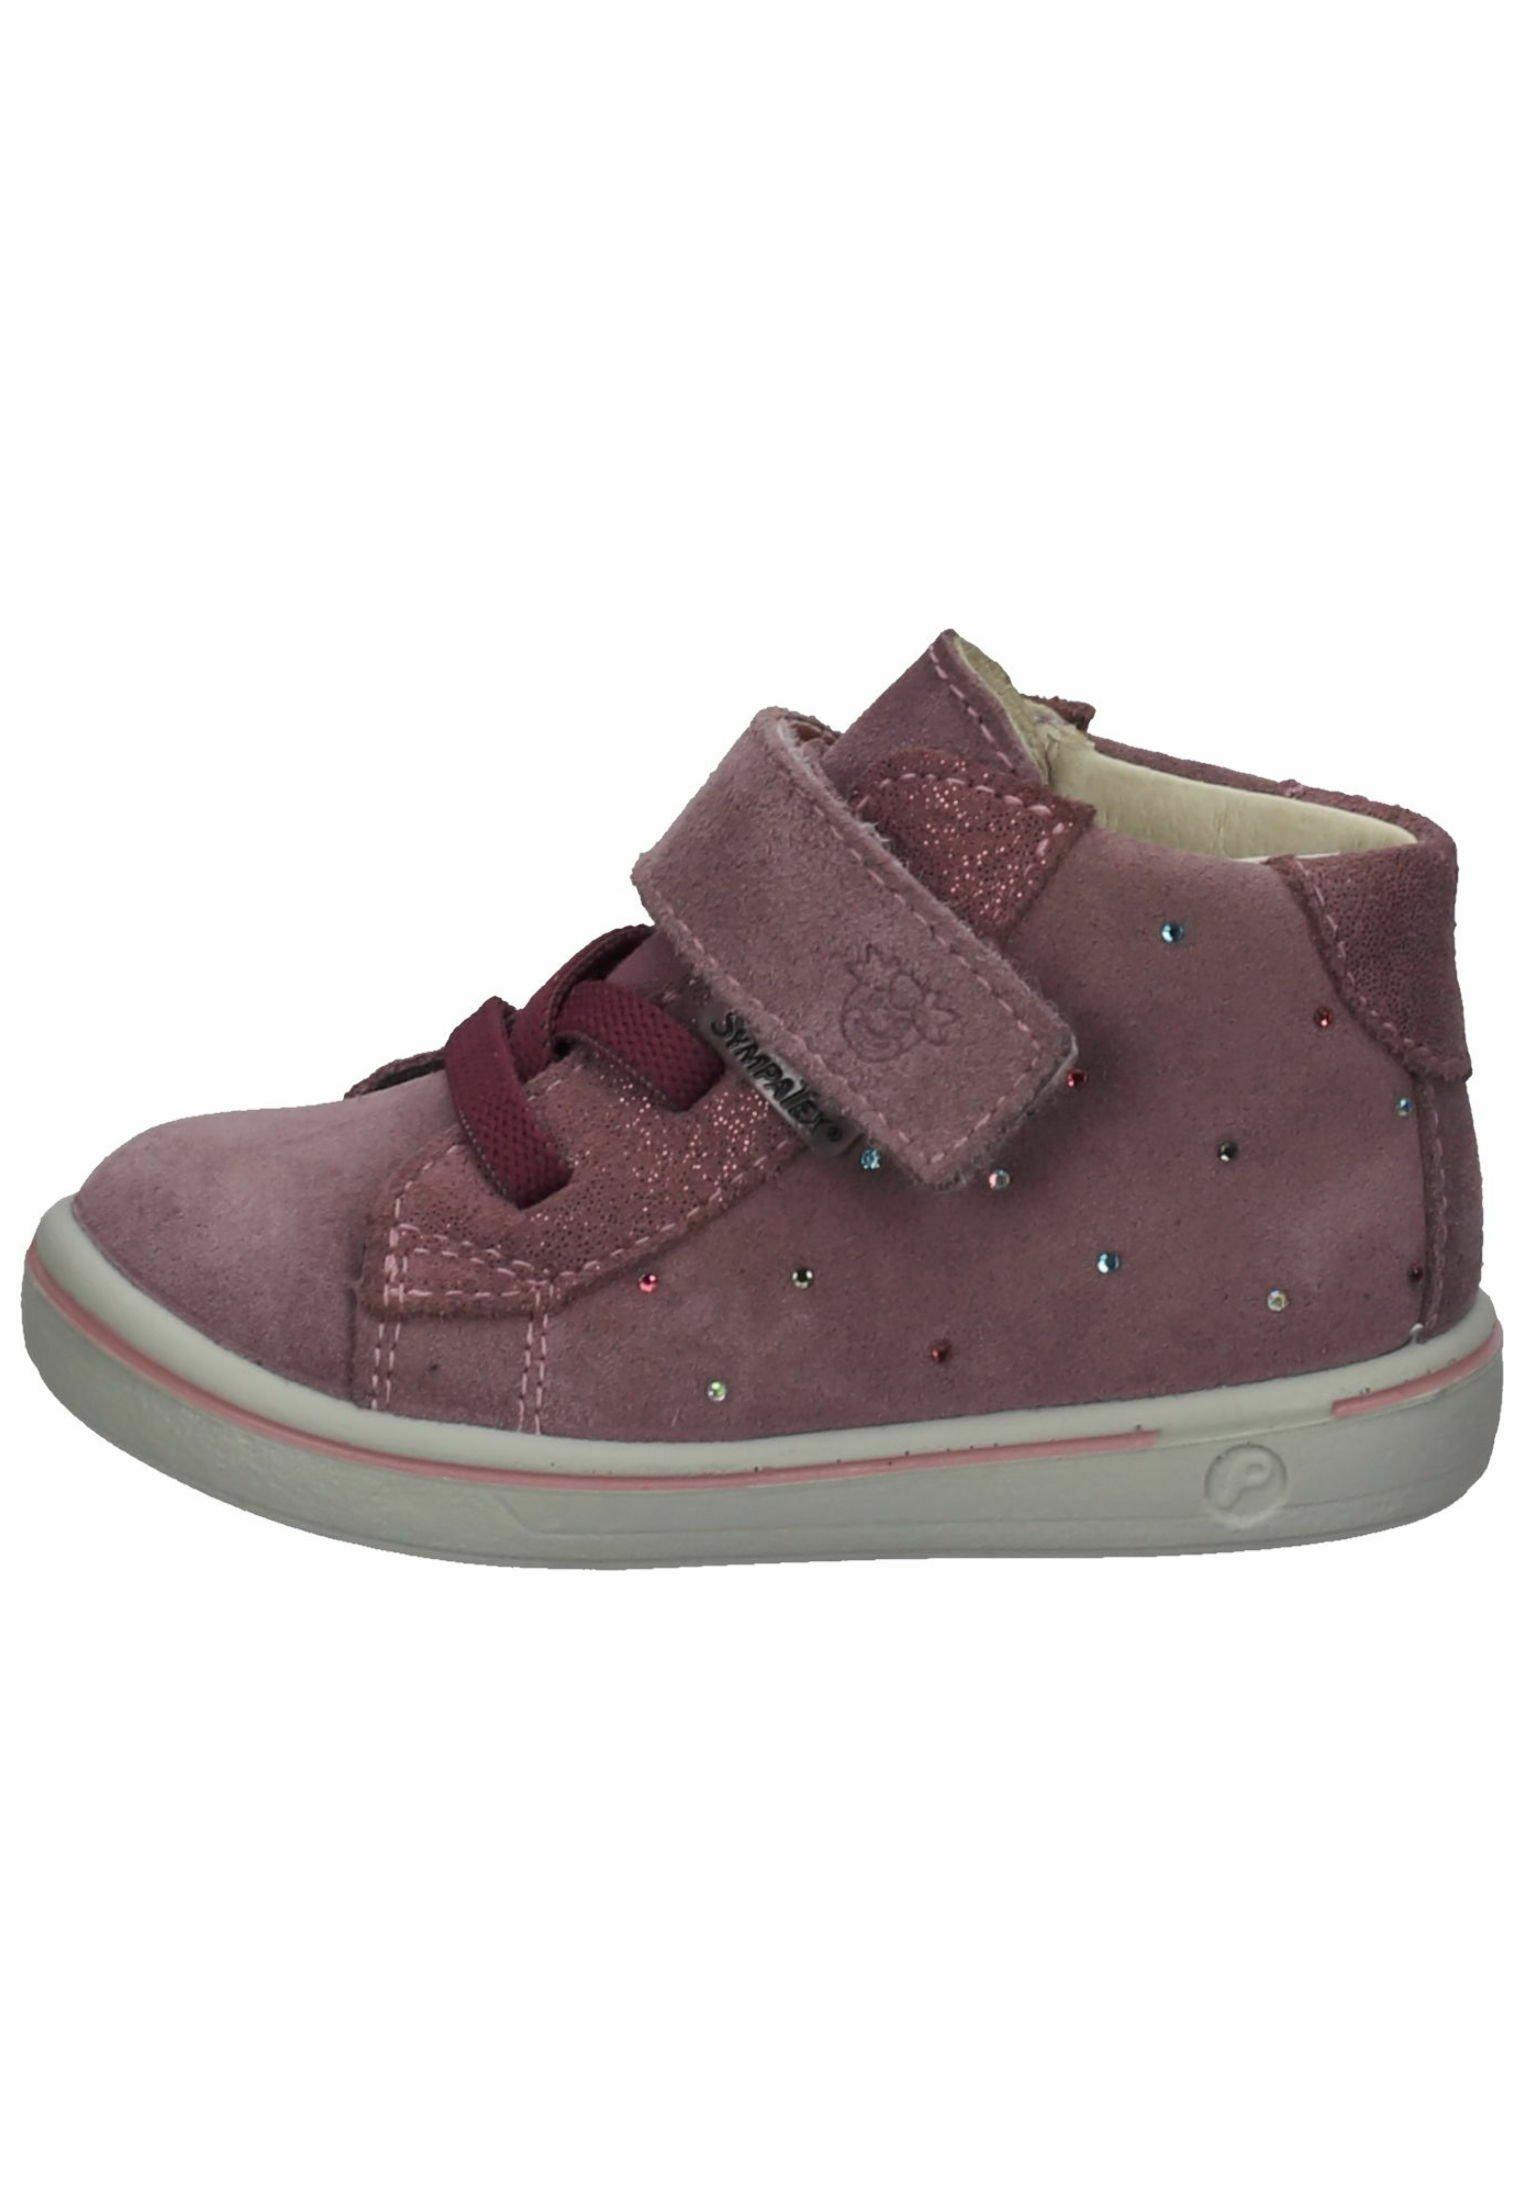 Børn Lær-at-gå-sko - sucre